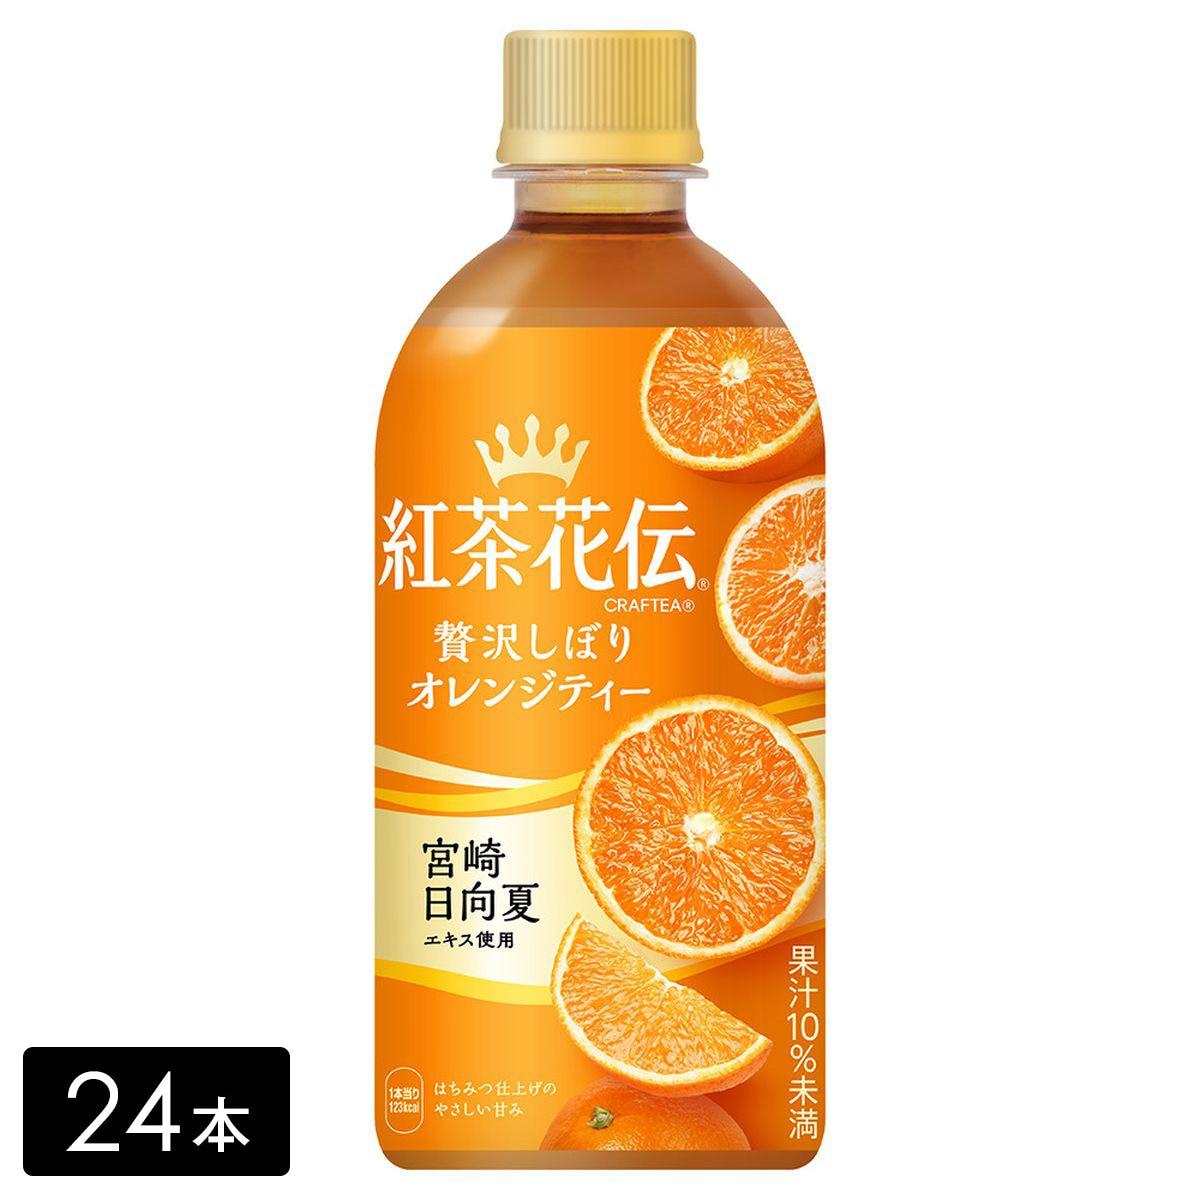 紅茶花伝クラフティー 贅沢しぼりオレンジティー 440mL×24本